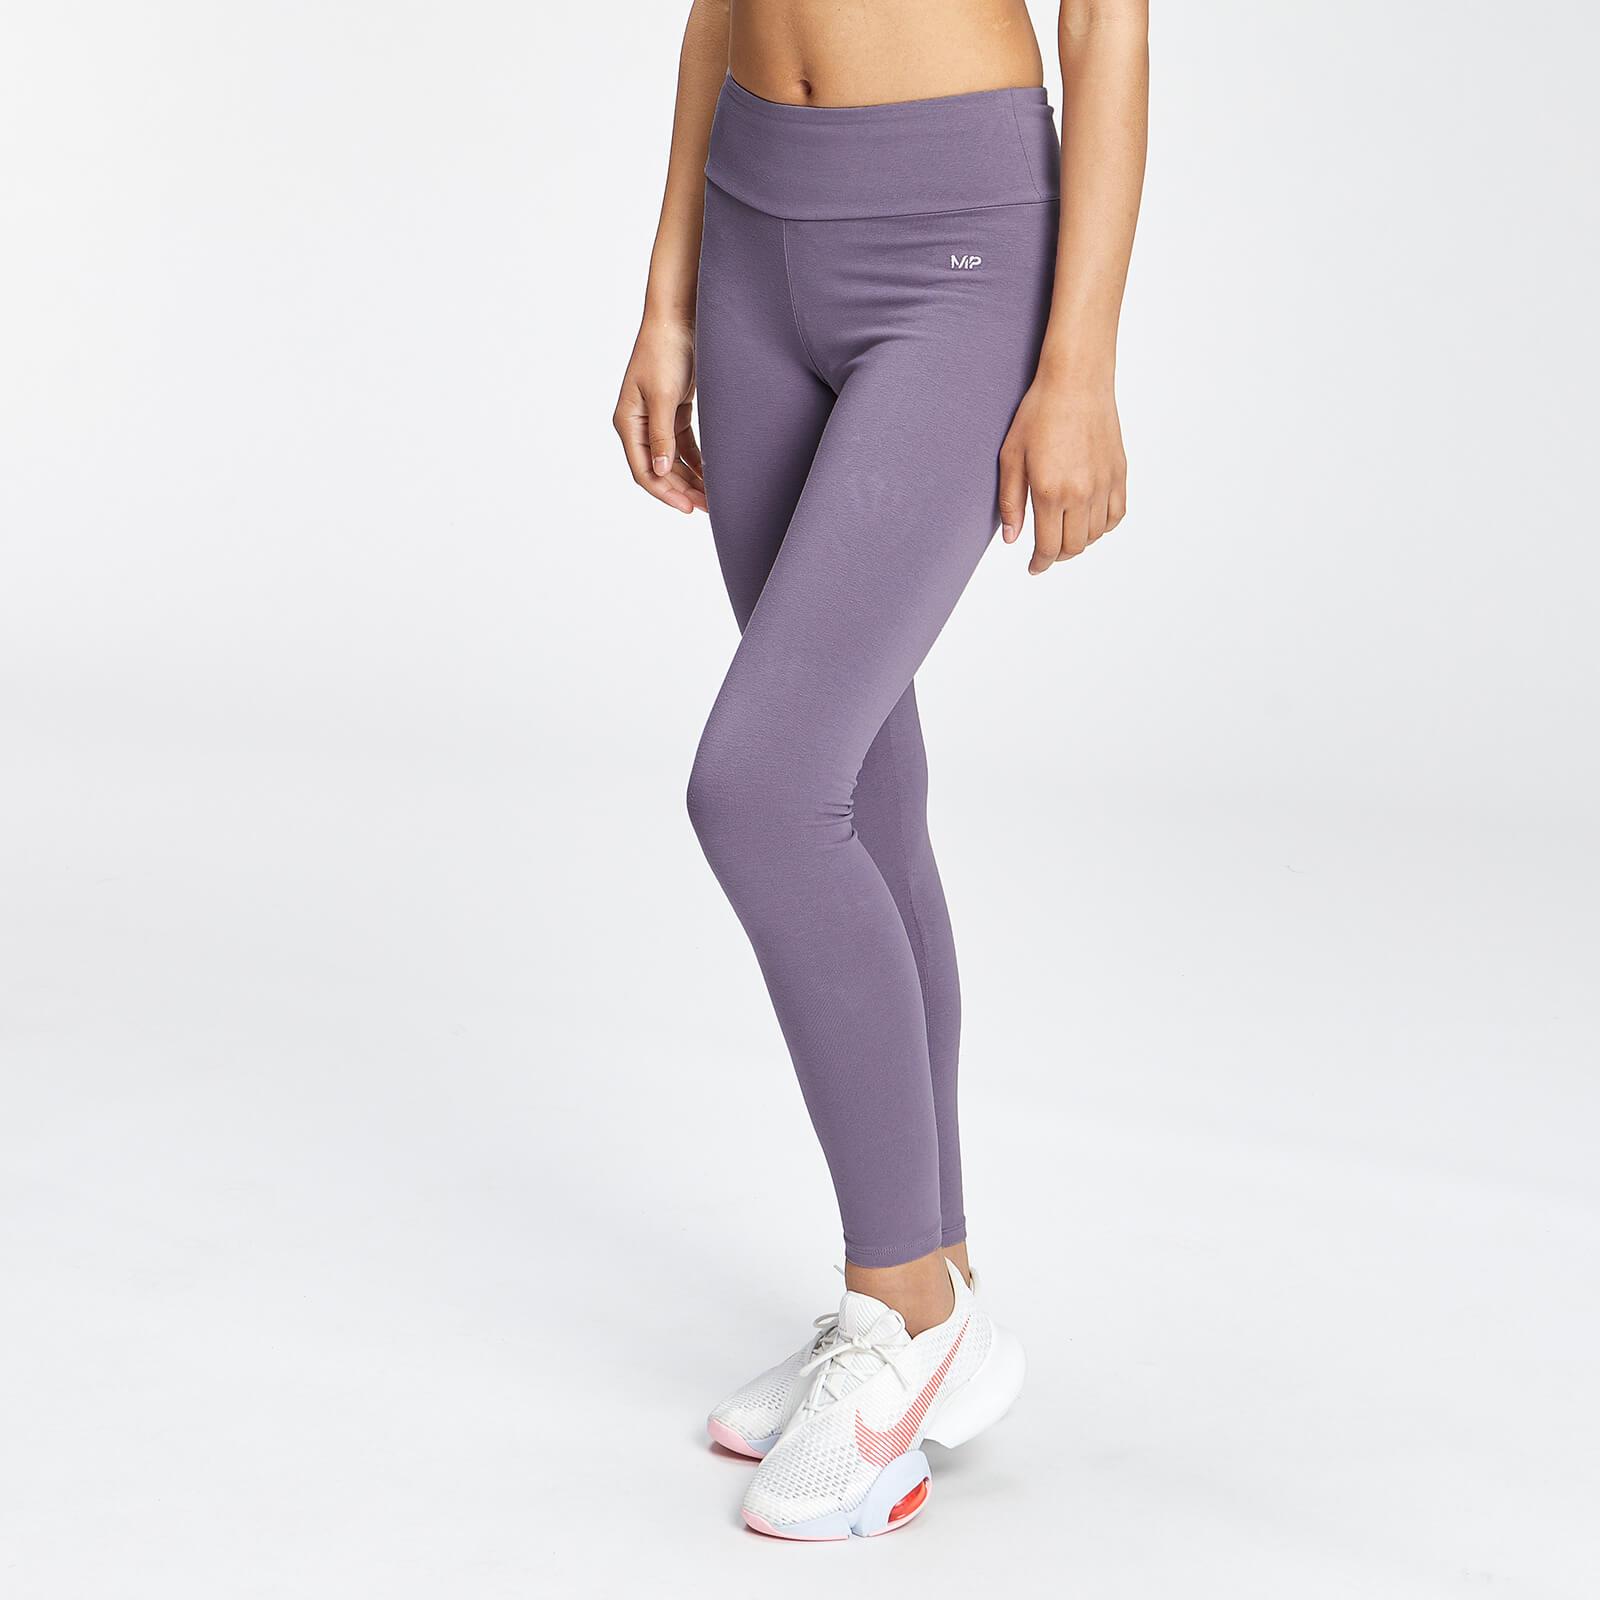 Купить MP Women's Essentials Leggings - Smokey Purple - XL, Myprotein International